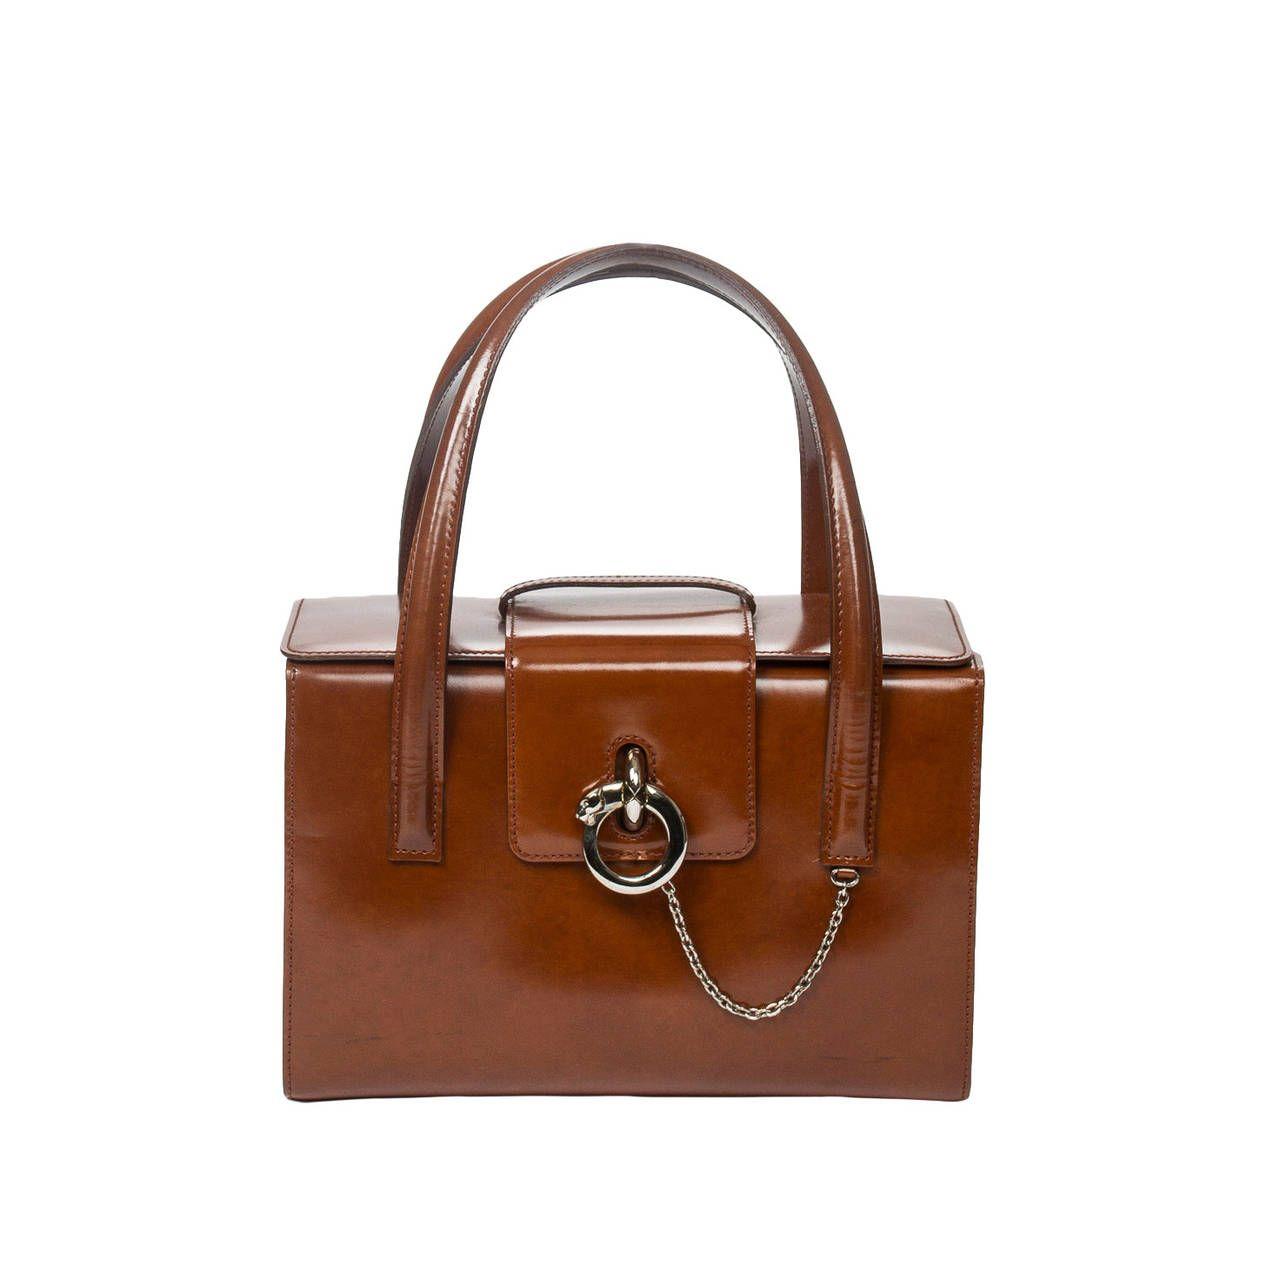 96b16be1949 Cartier Bag Panthere Brown